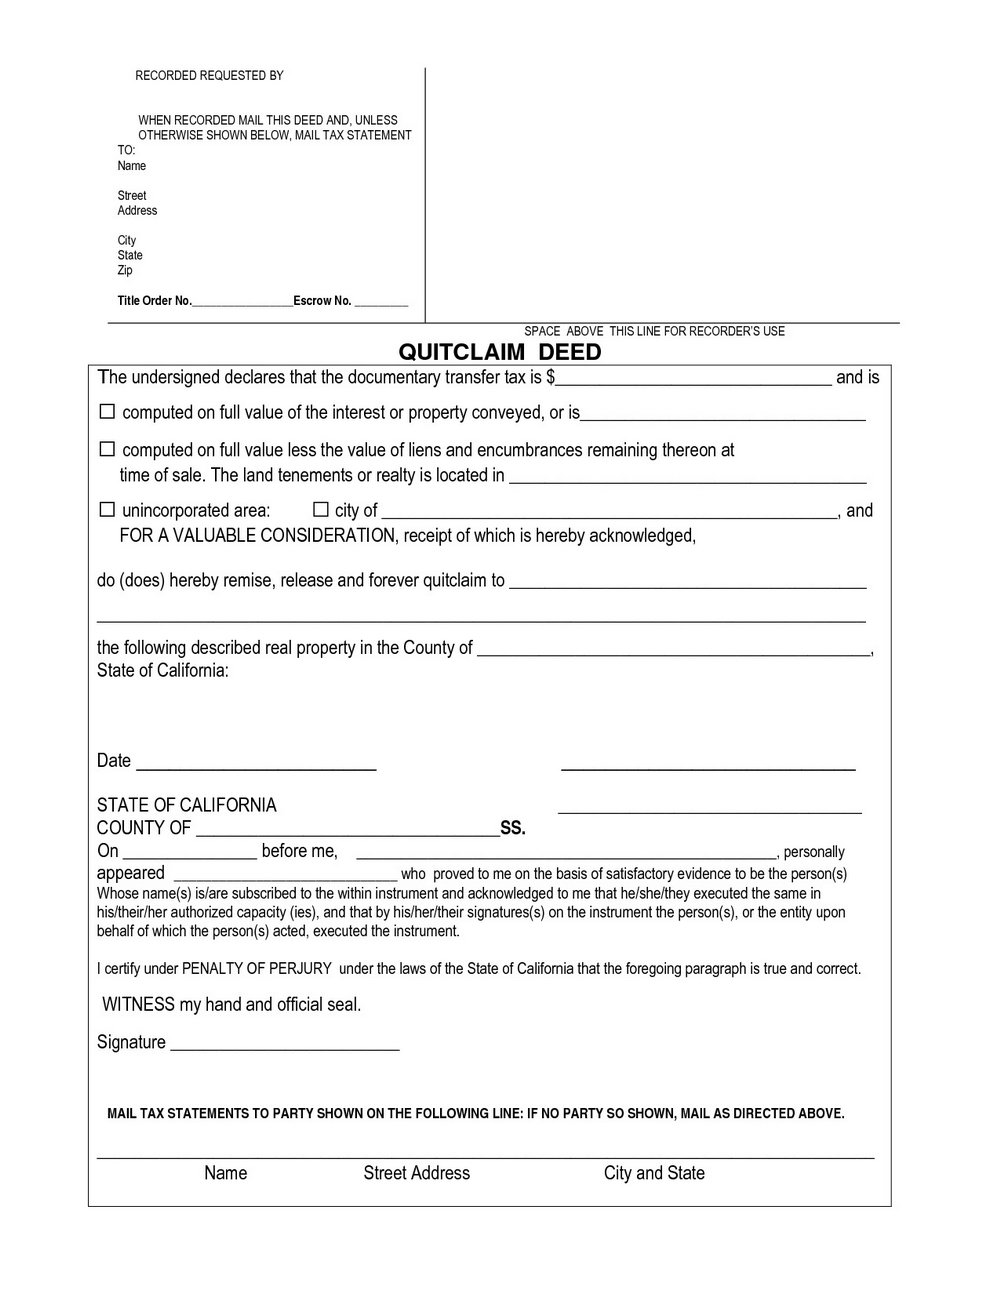 Quit Claim Deed Form California